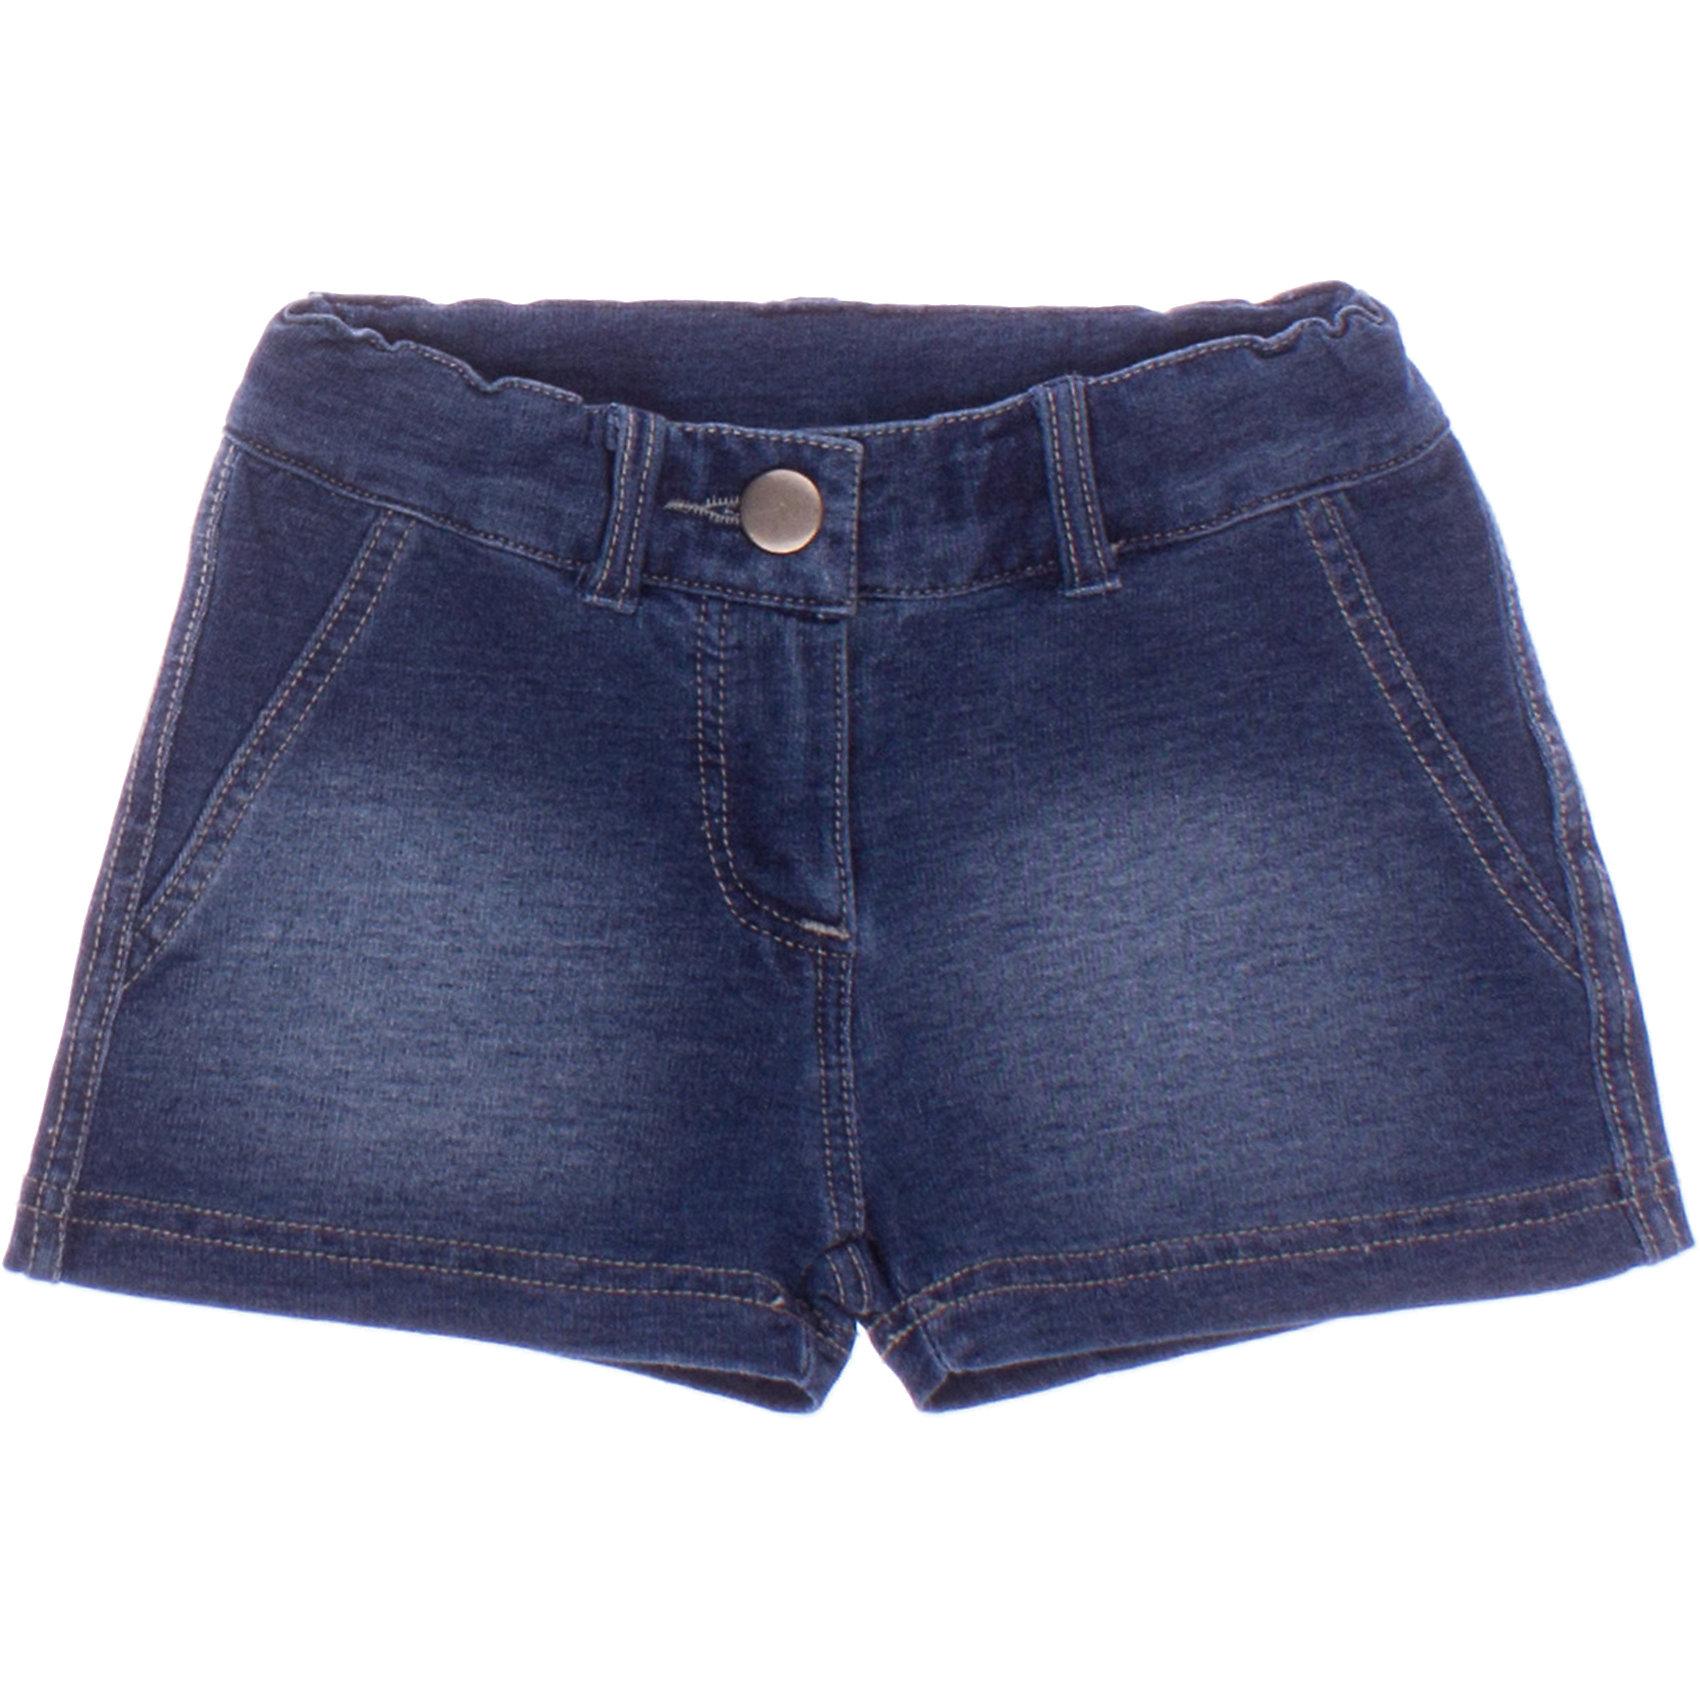 Шорты джинсовые для девочки PlayTodayДжинсовая одежда<br>Шорты для девочки PlayToday <br><br>Состав: 95% хлопок, 5% эластан <br><br>Материал - футтер с имитацией джинсы<br>Пояс на резинке<br>Есть петельки для ремня<br>Застегиваются на молнию и металлический болт<br><br>Ширина мм: 191<br>Глубина мм: 10<br>Высота мм: 175<br>Вес г: 273<br>Цвет: синий<br>Возраст от месяцев: 60<br>Возраст до месяцев: 72<br>Пол: Женский<br>Возраст: Детский<br>Размер: 110,98,122,128,116,104<br>SKU: 4502161